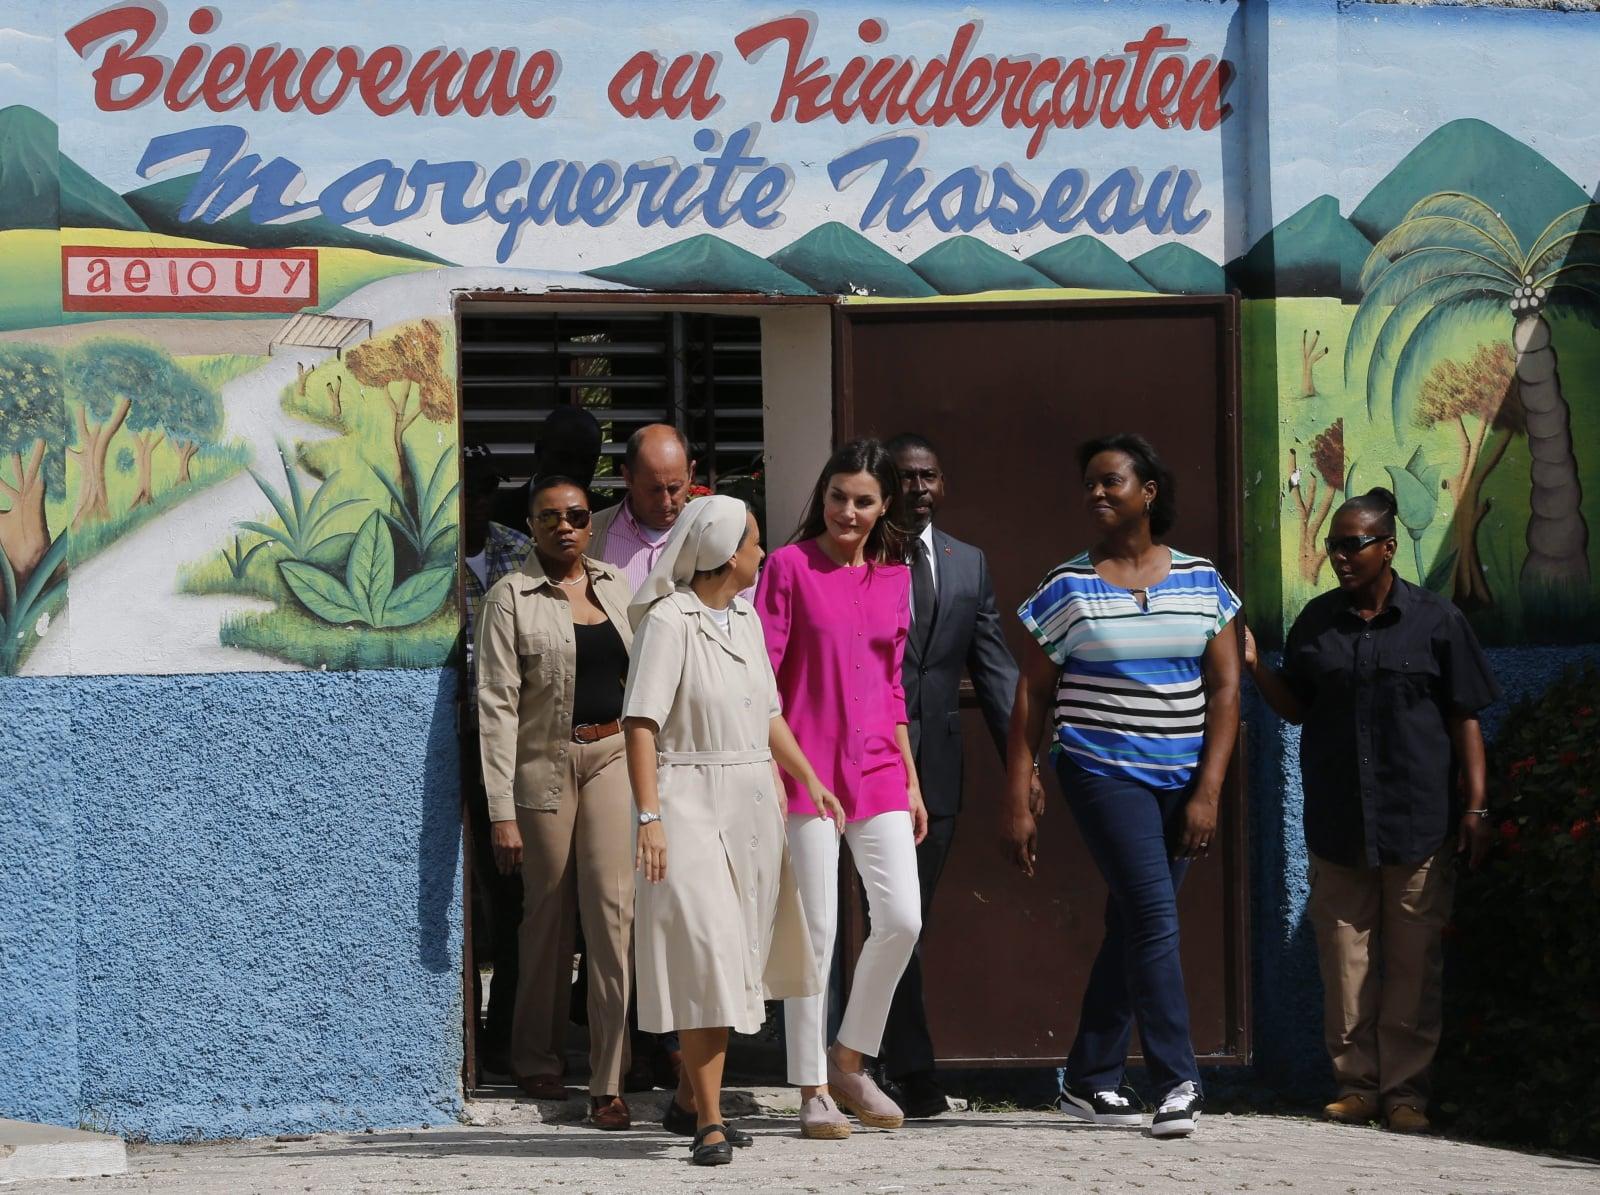 Królowa Hiszpanii z wizytą na Haiti